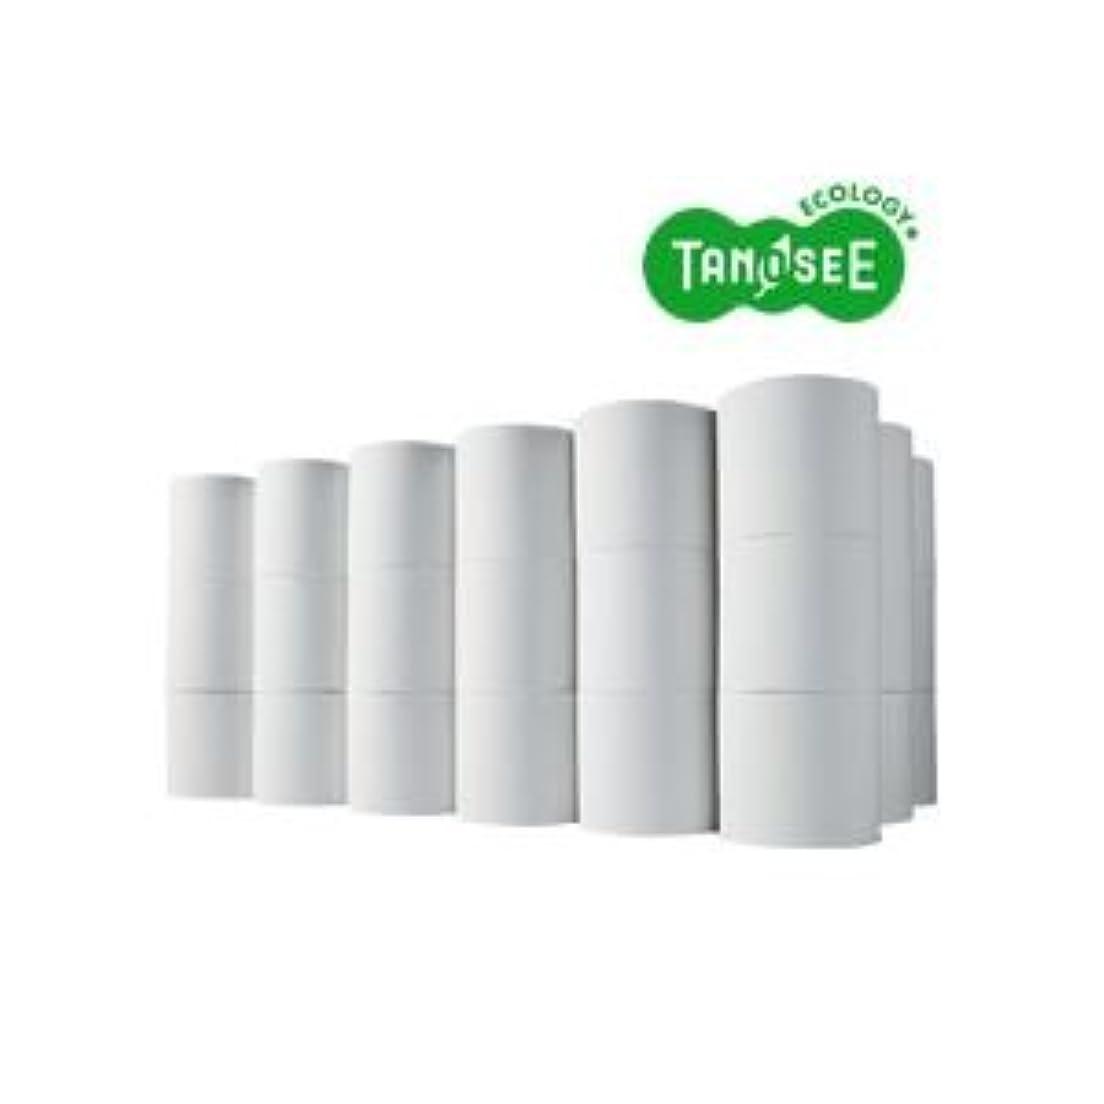 ぐったり広大な指定するTANOSEE トイレットペーパー シングル 芯なし 170m 無包装48ロール入